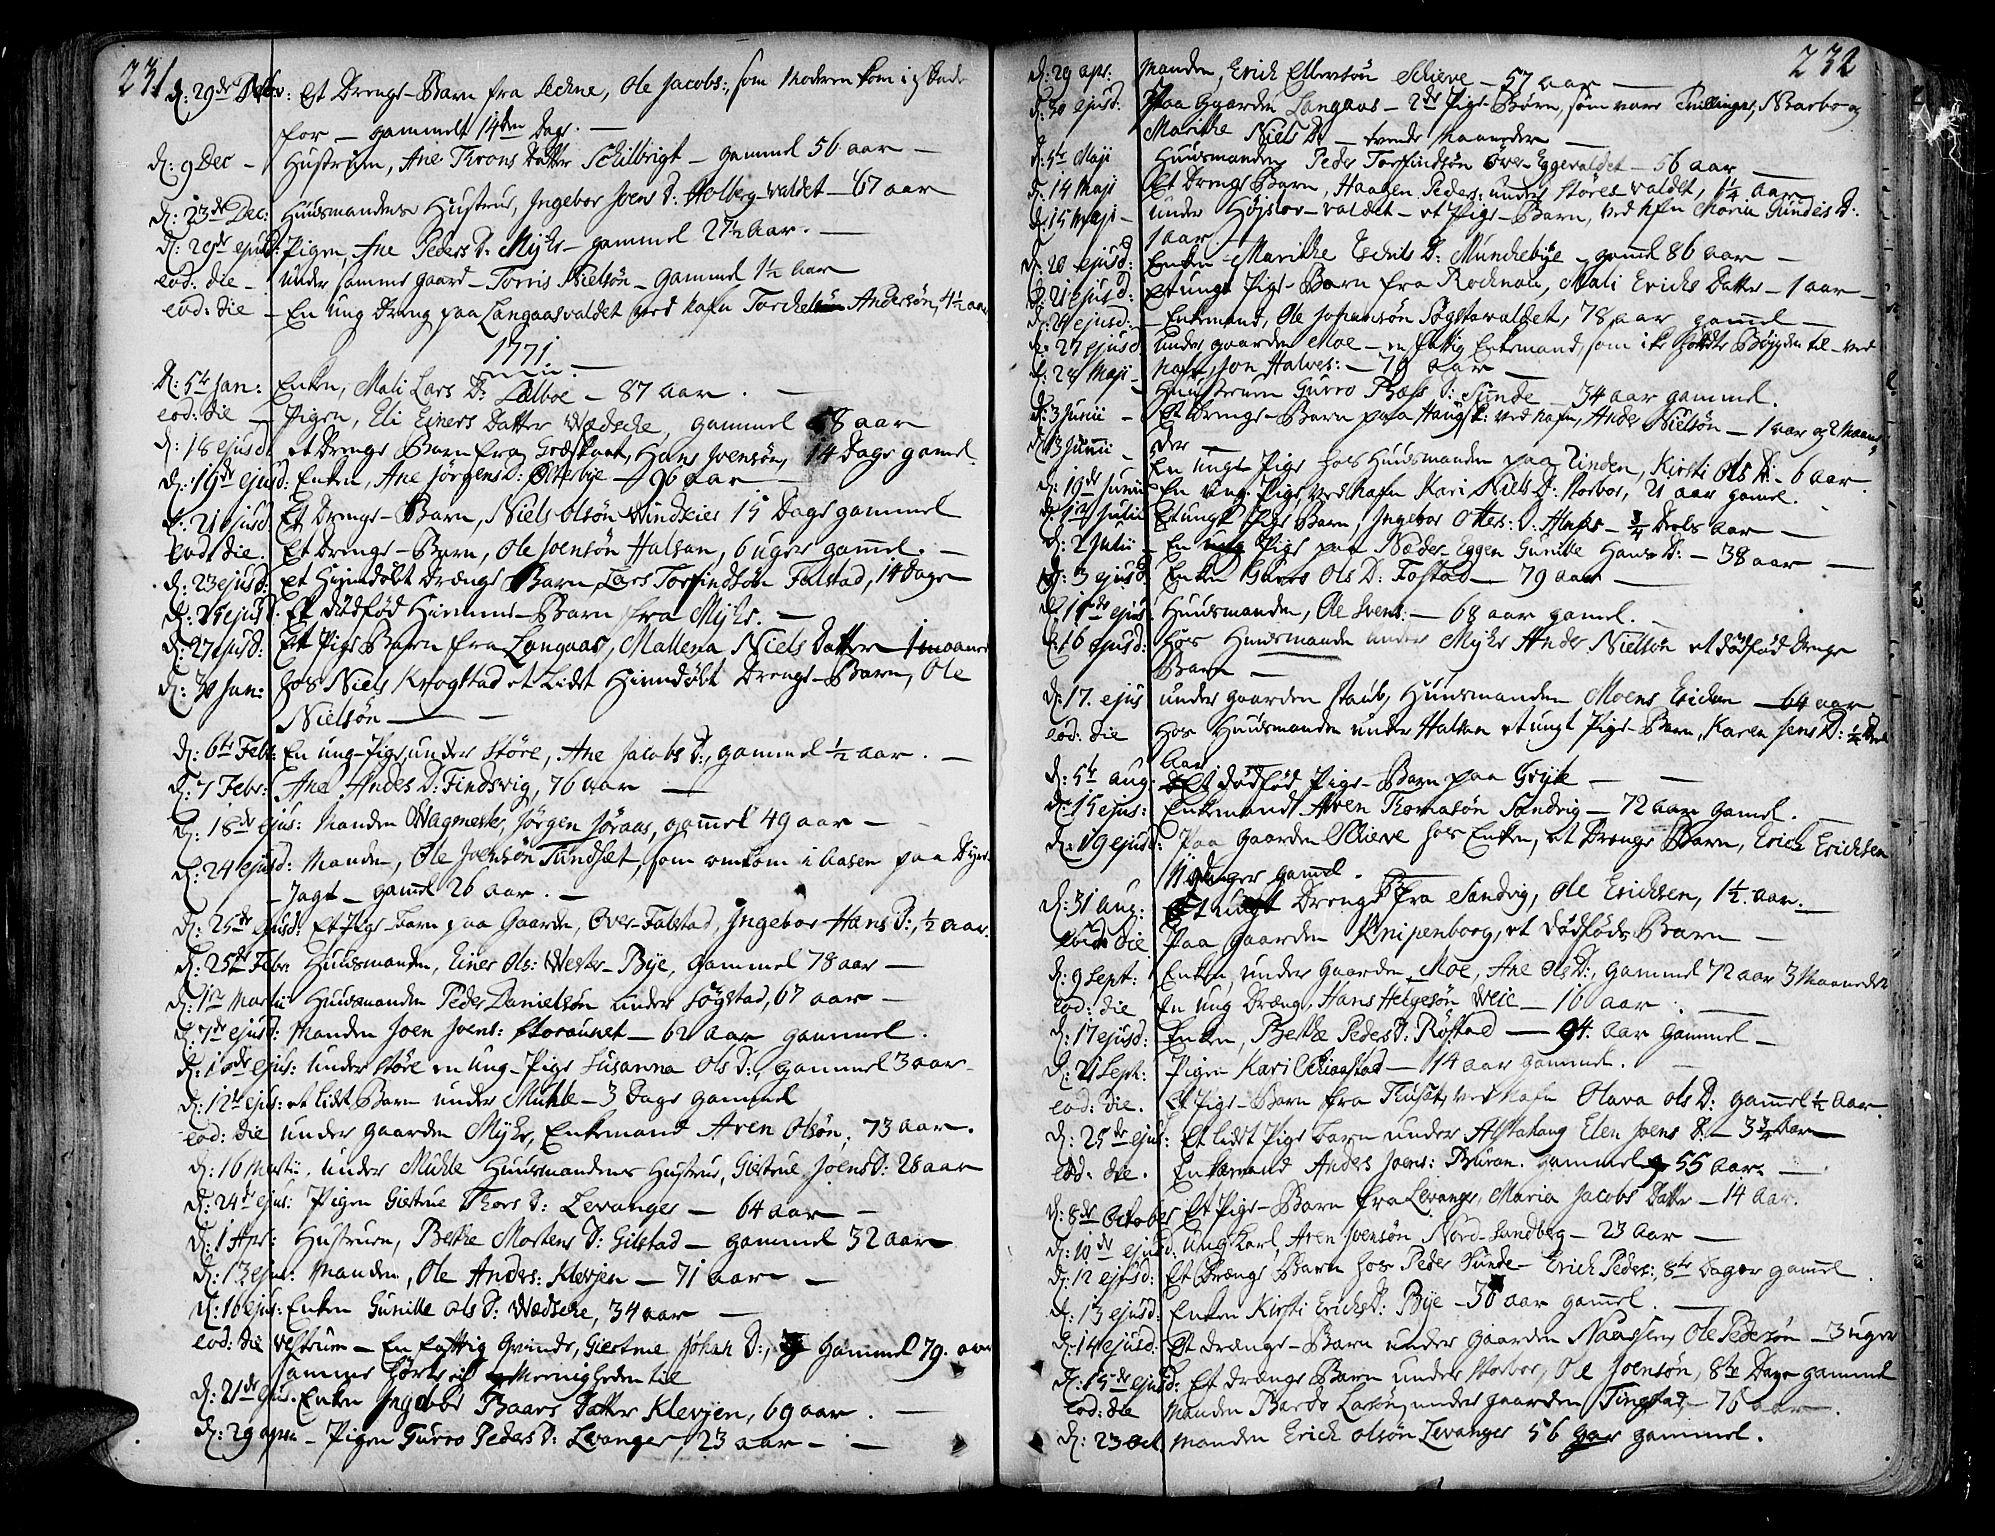 SAT, Ministerialprotokoller, klokkerbøker og fødselsregistre - Nord-Trøndelag, 717/L0141: Ministerialbok nr. 717A01, 1747-1803, s. 231-232